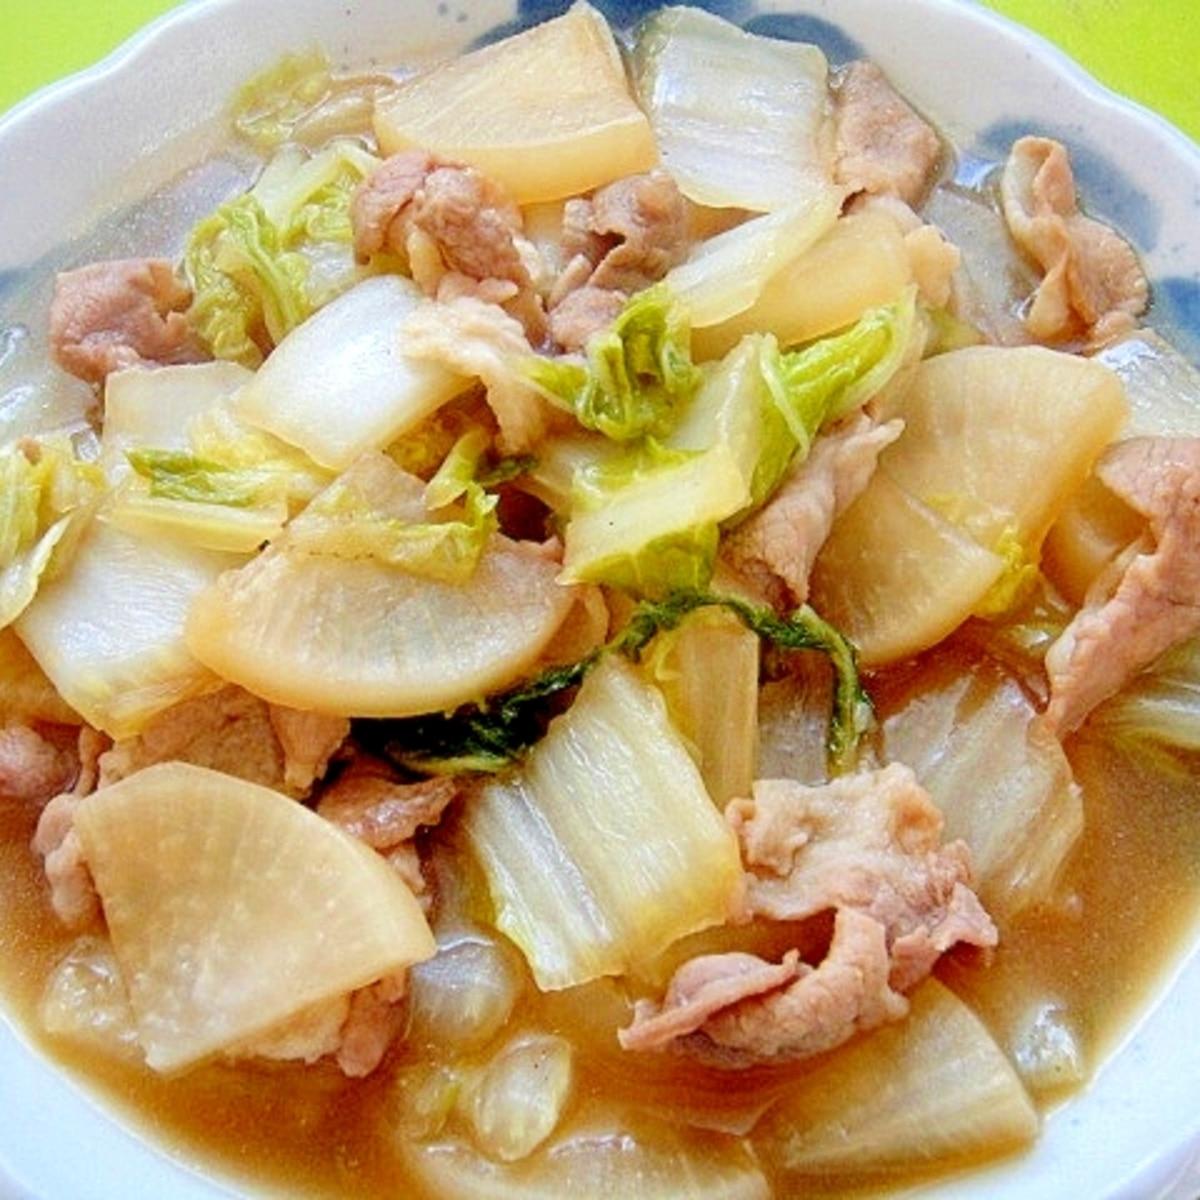 煮物 白菜 と 豚肉 の 白菜の大量消費レシピ人気15選!絶品おすすめレシピを一挙紹介!